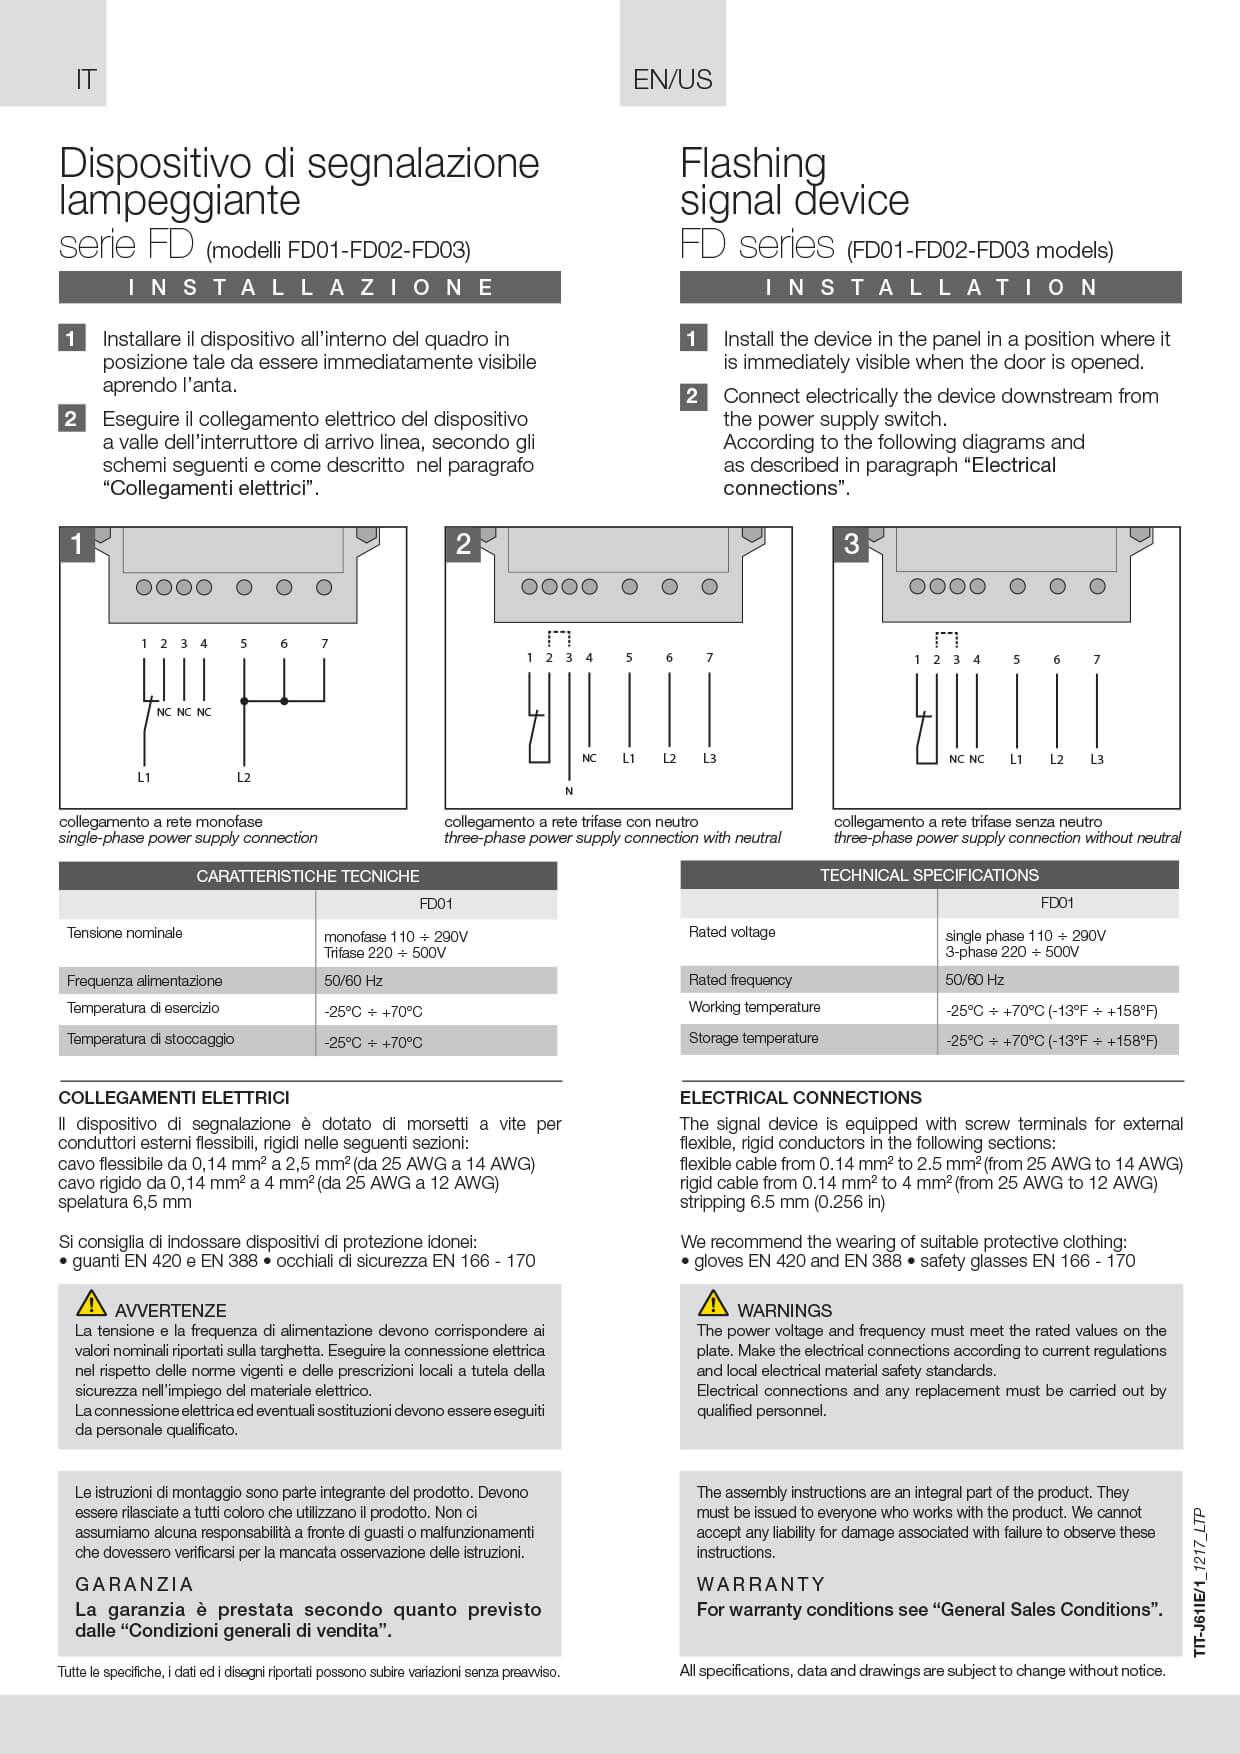 Disp. segnalazione lampeggiante istruzioni